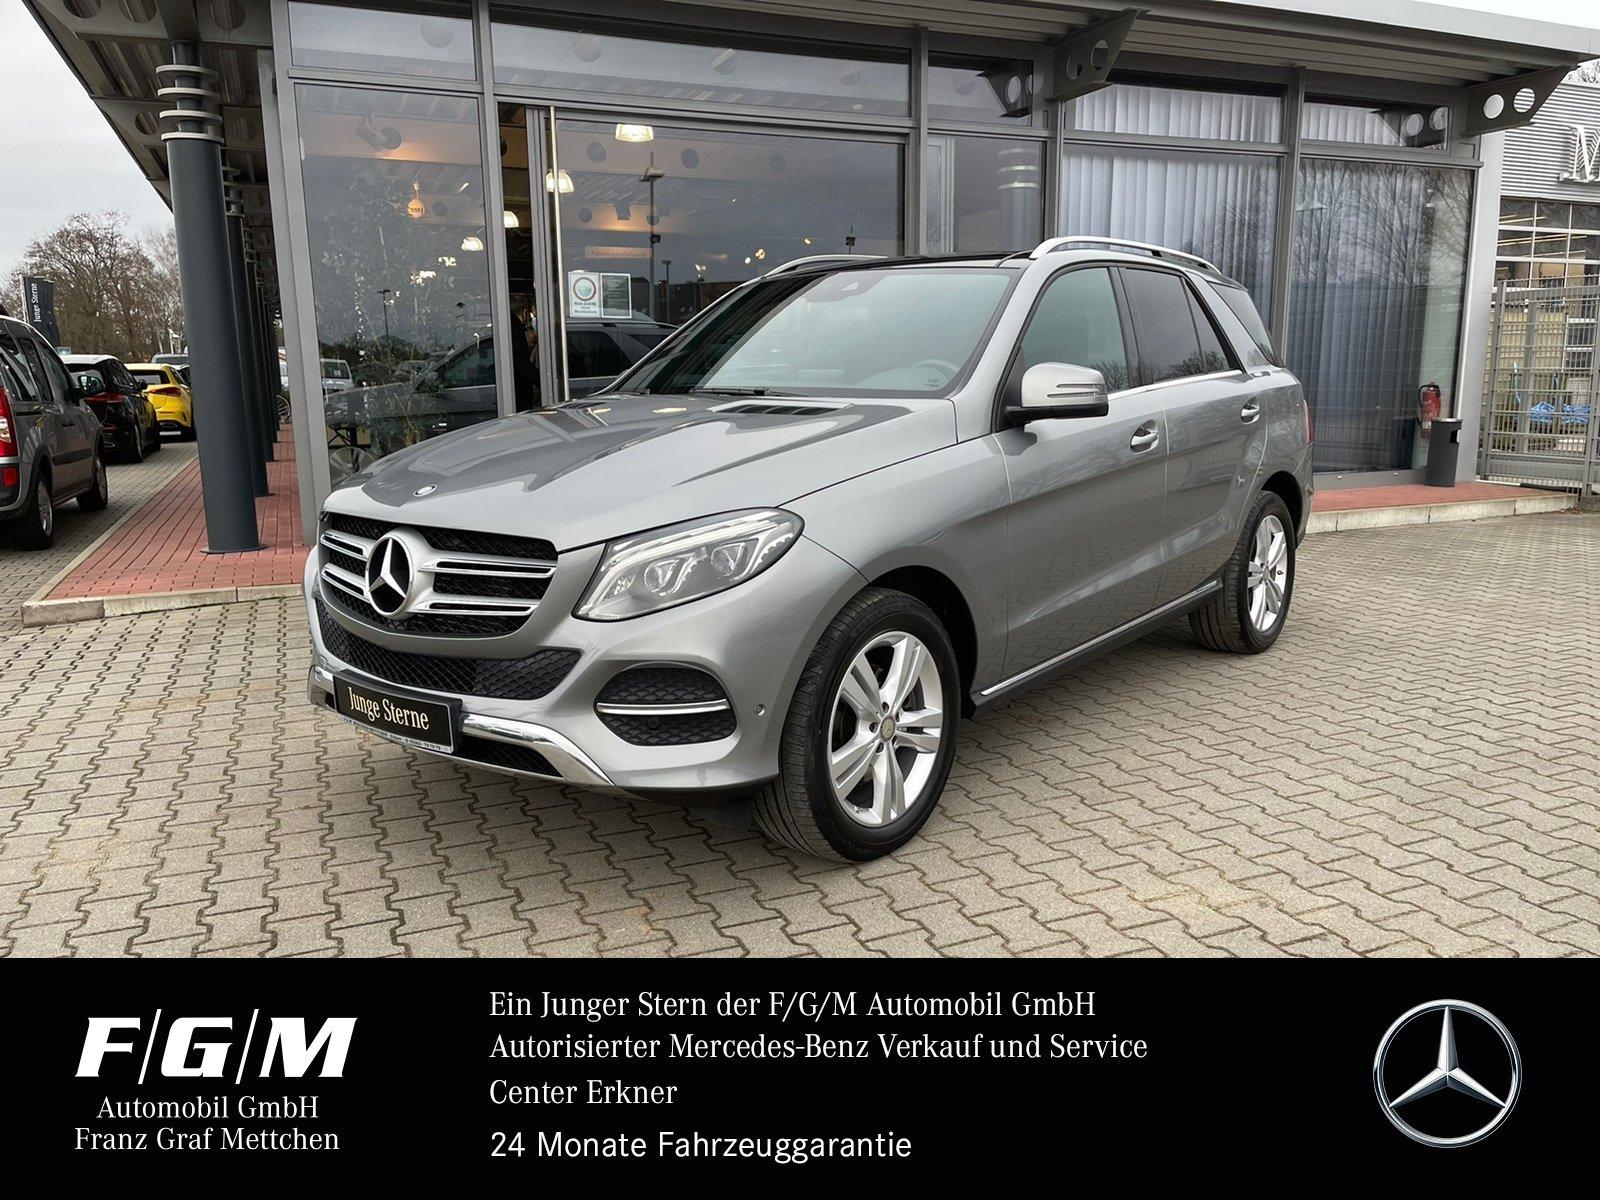 Mercedes-Benz GLE 350 d 4M EXCLUSIVE/Navi/Pano/ILS/Standheizun, Jahr 2015, Diesel